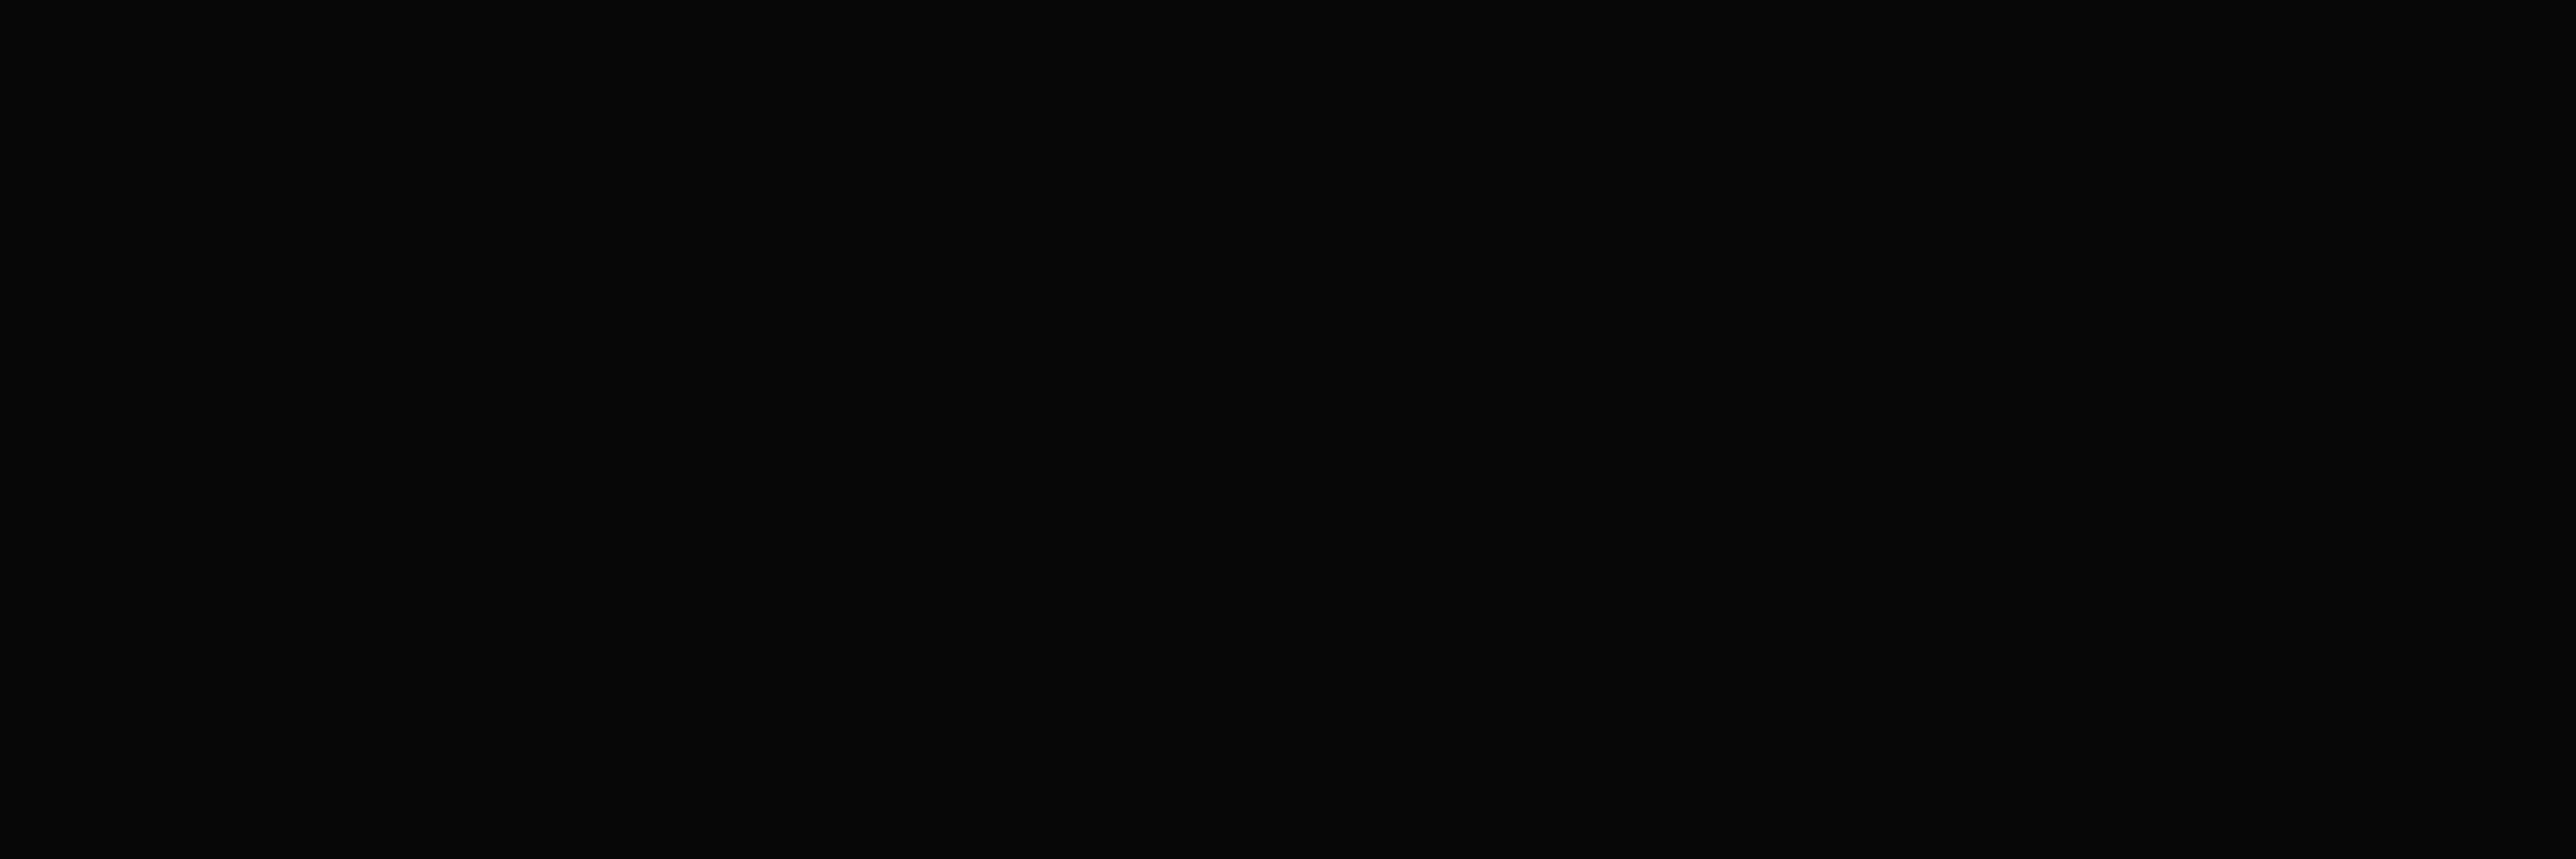 BLACKGROUND_OPT